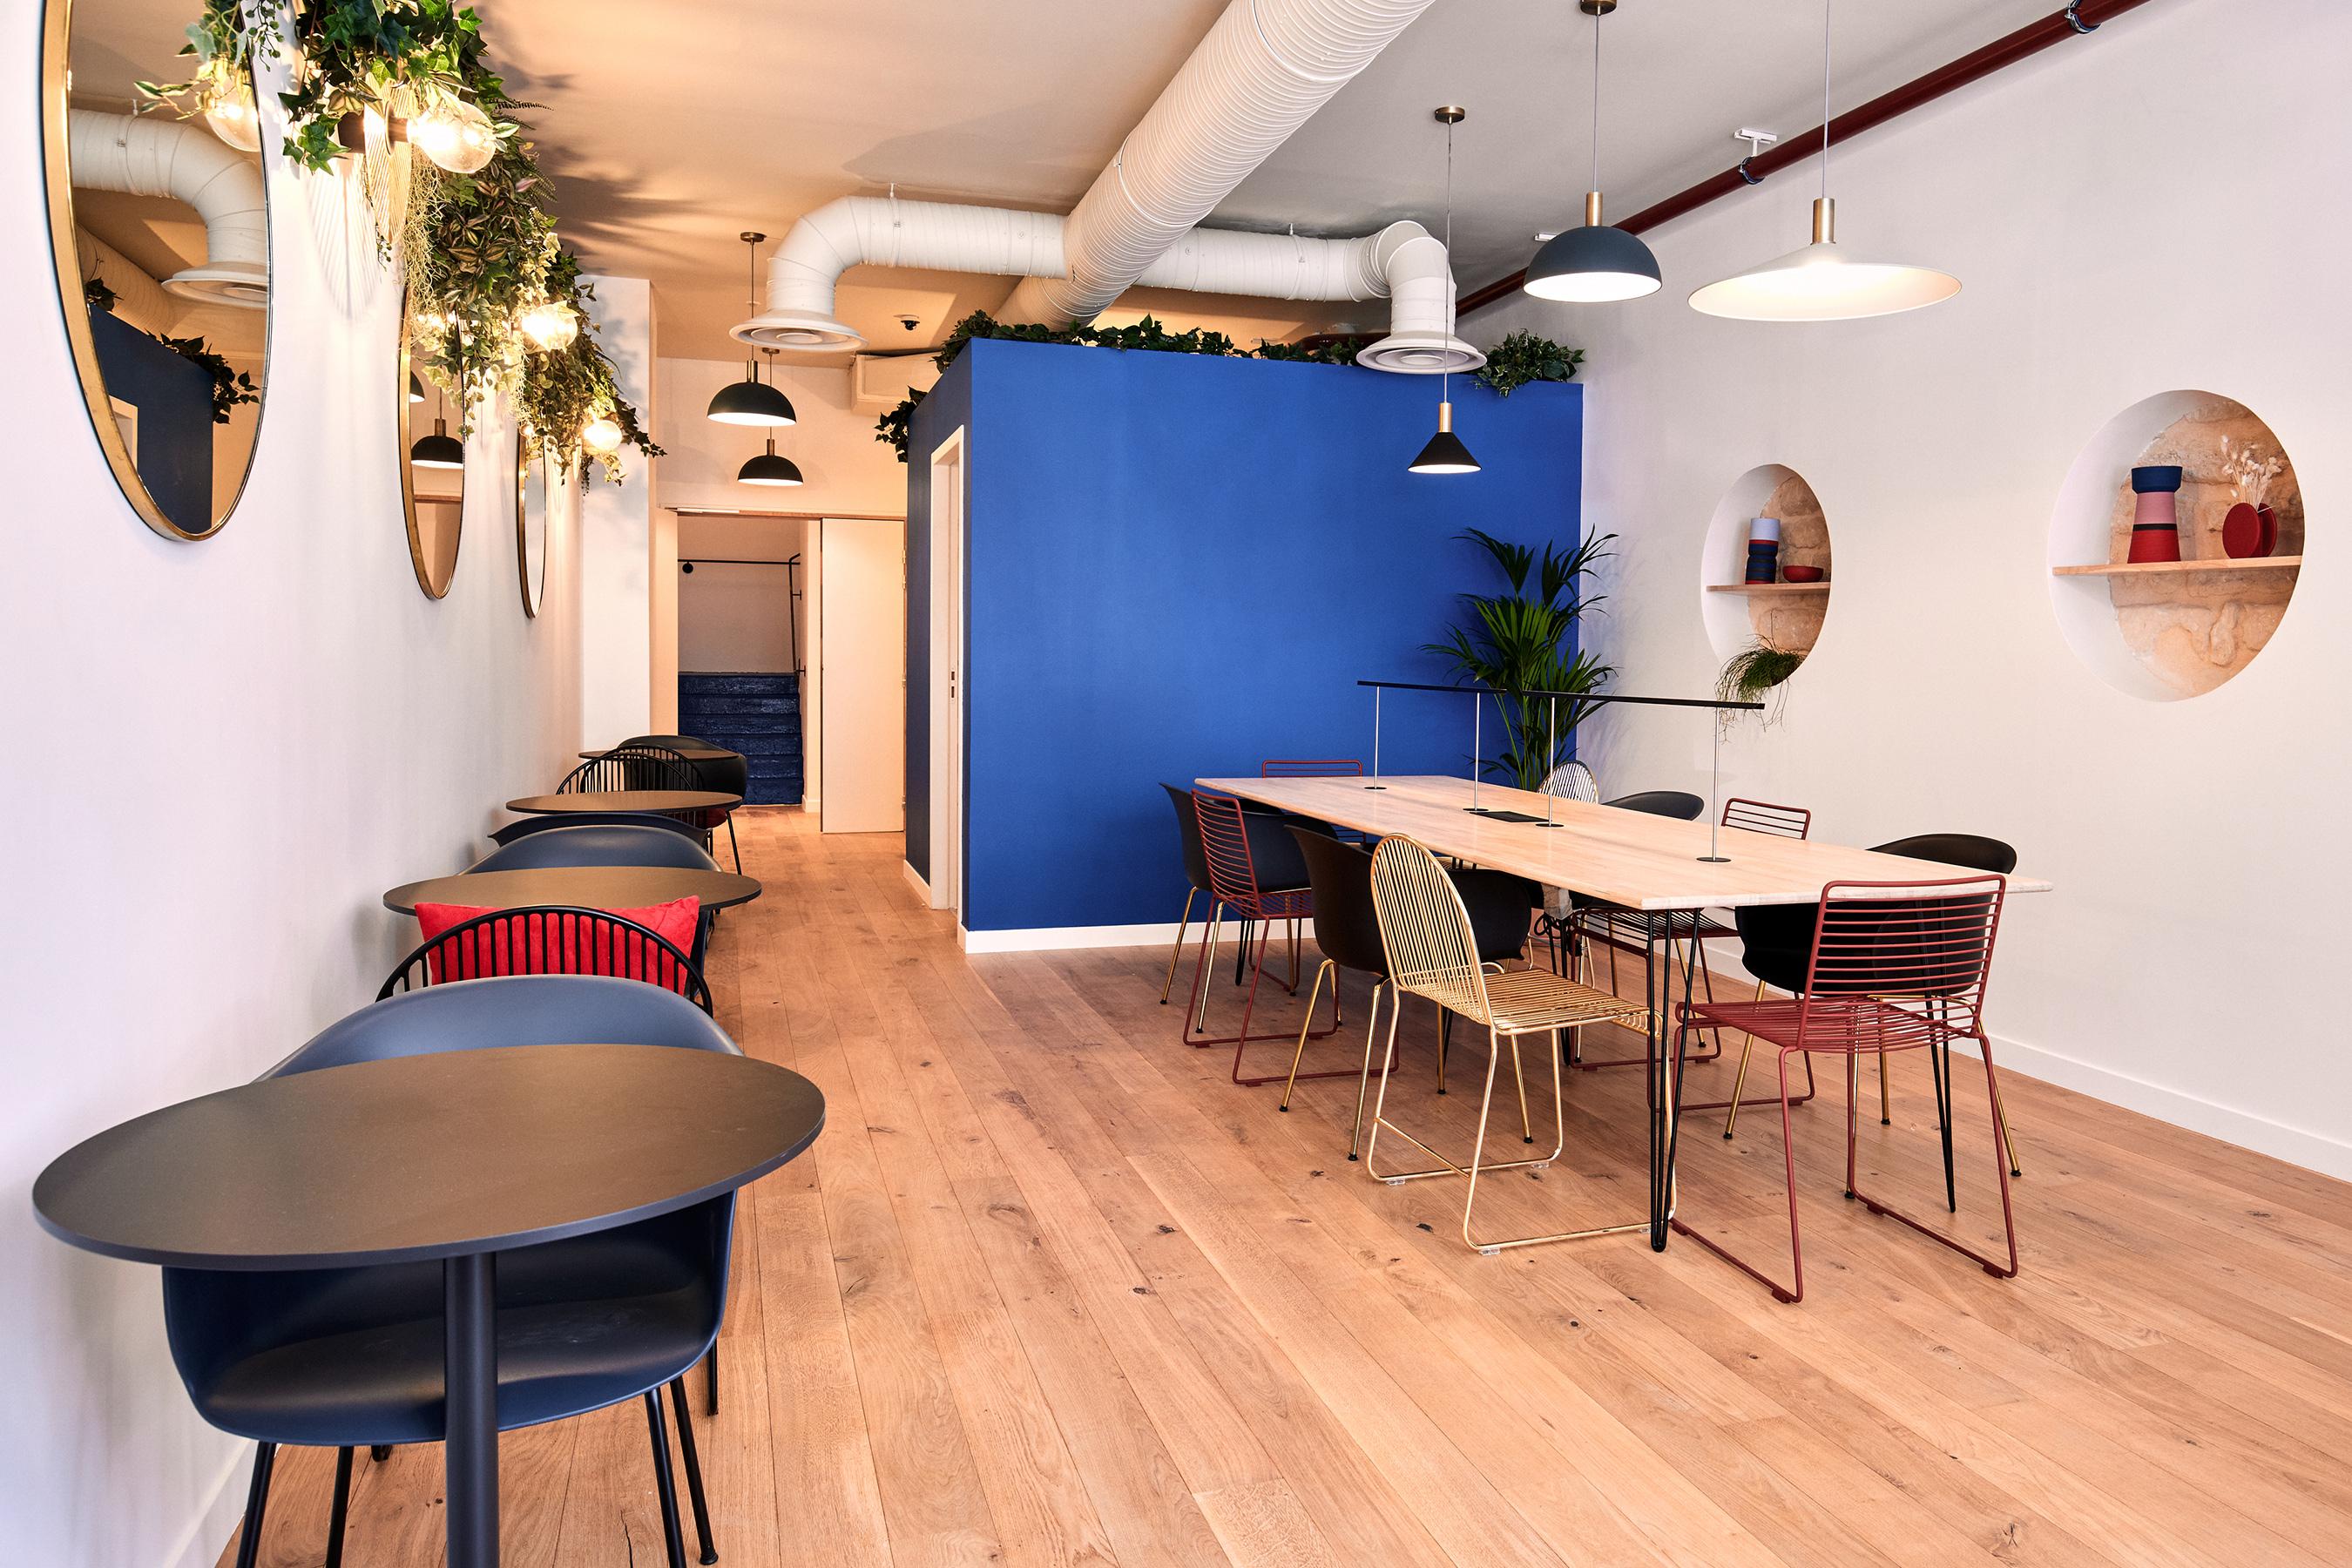 Aménagement espace bureau - petite table de café dans espace commun